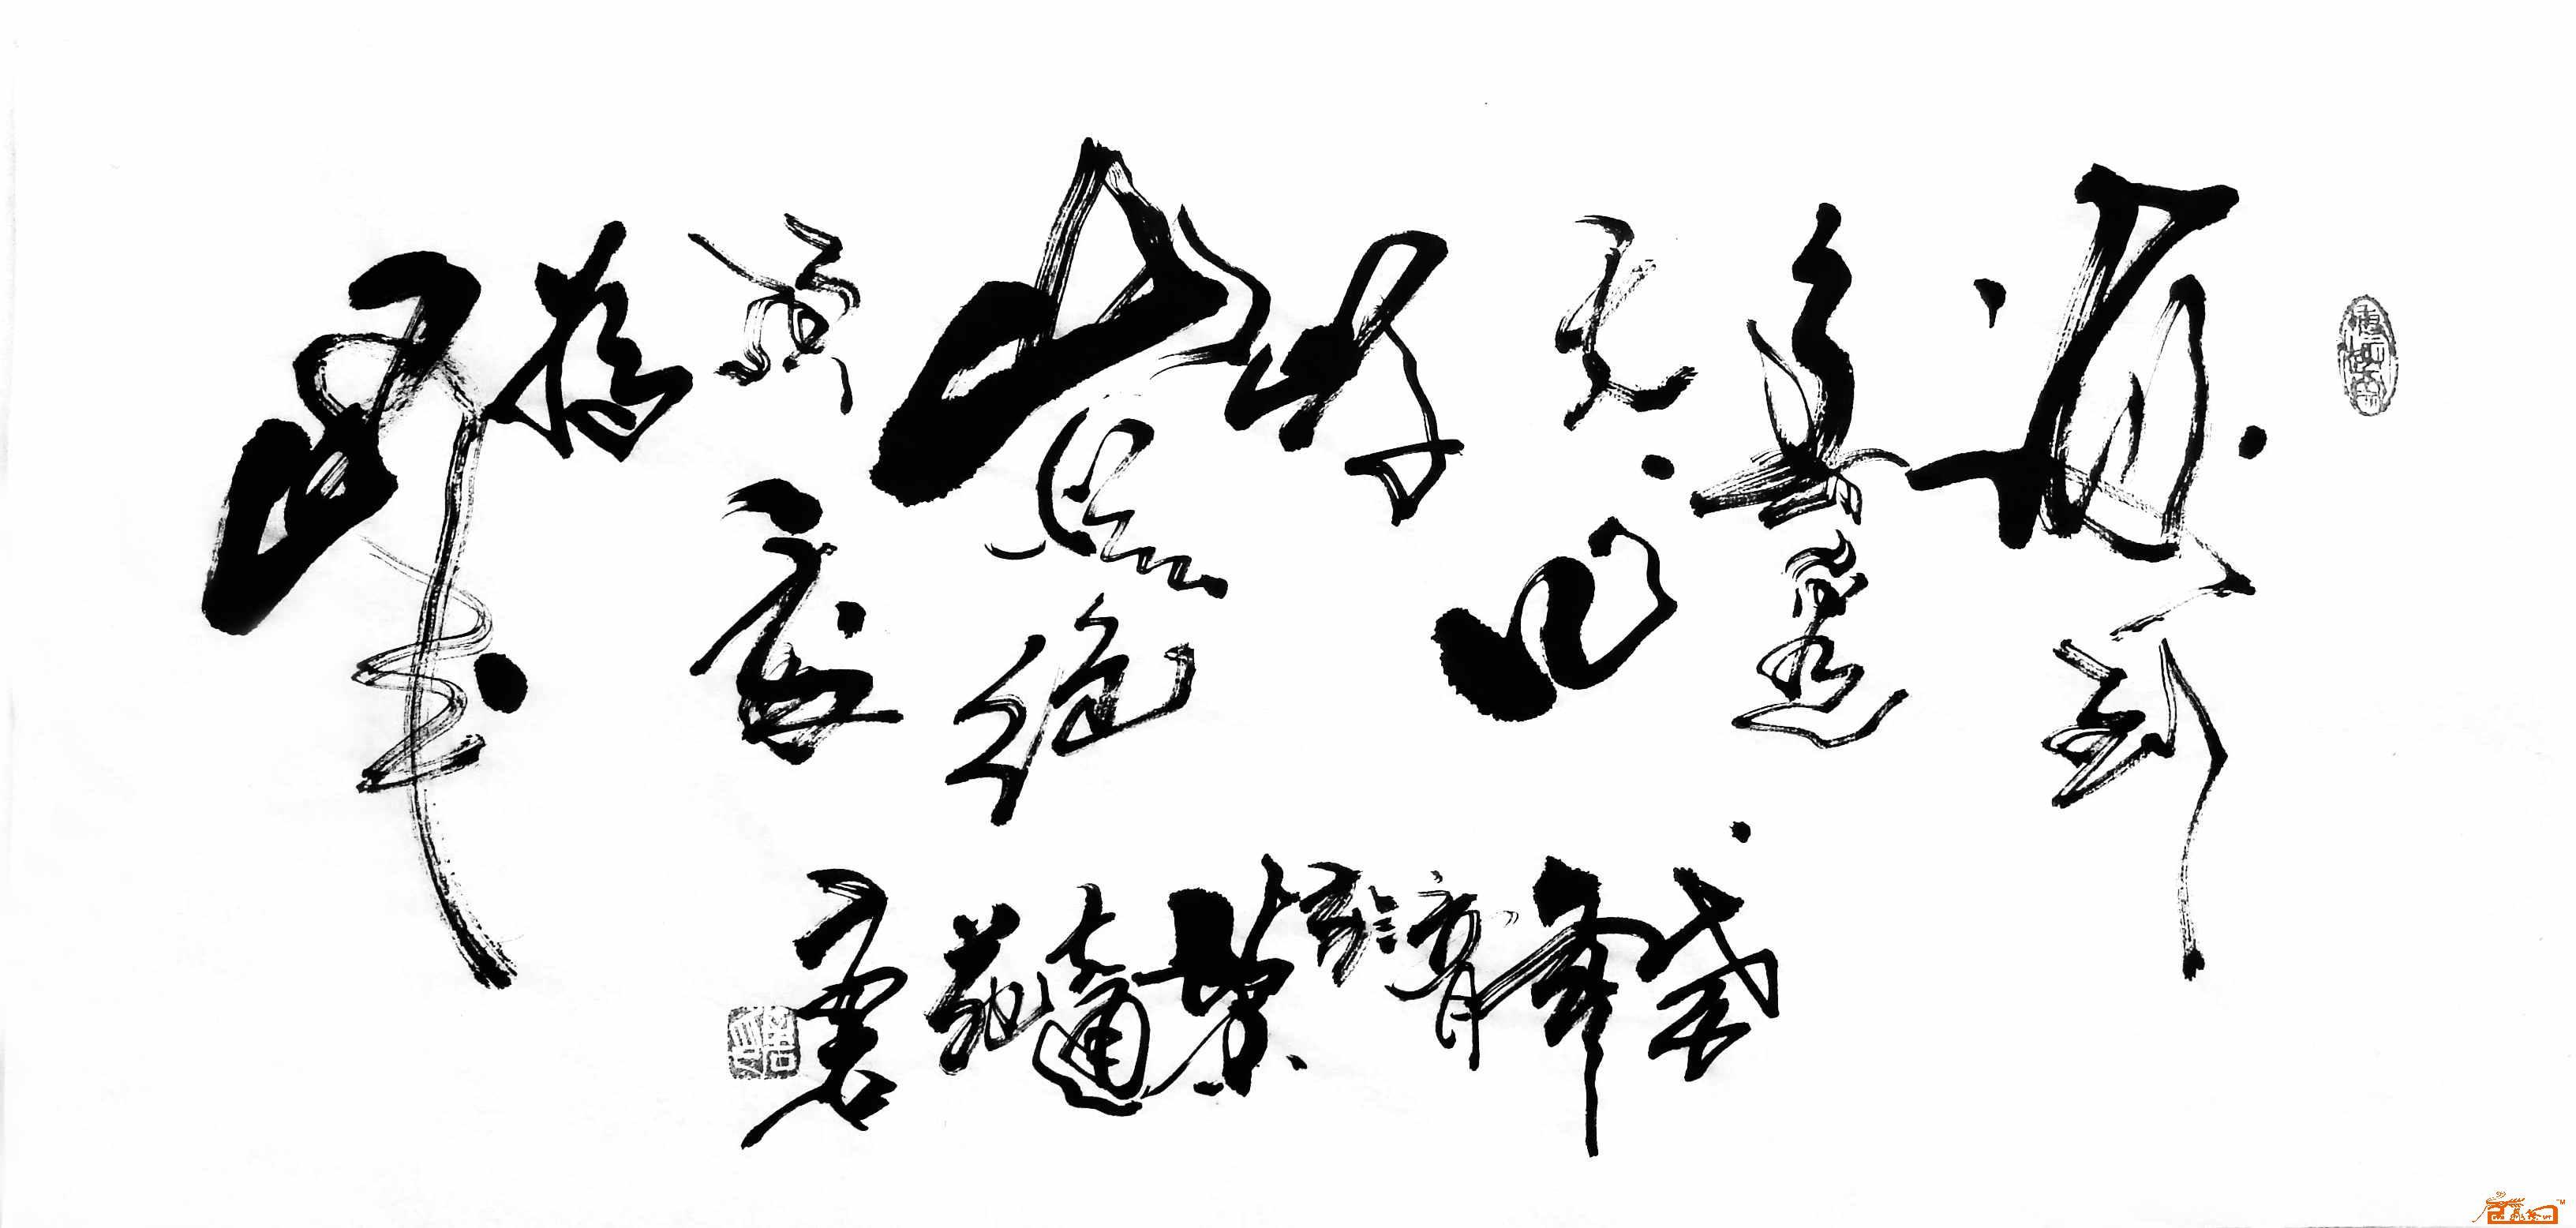 秦建福-011-淘宝-名人字画-中国书画交易中心,中国,中